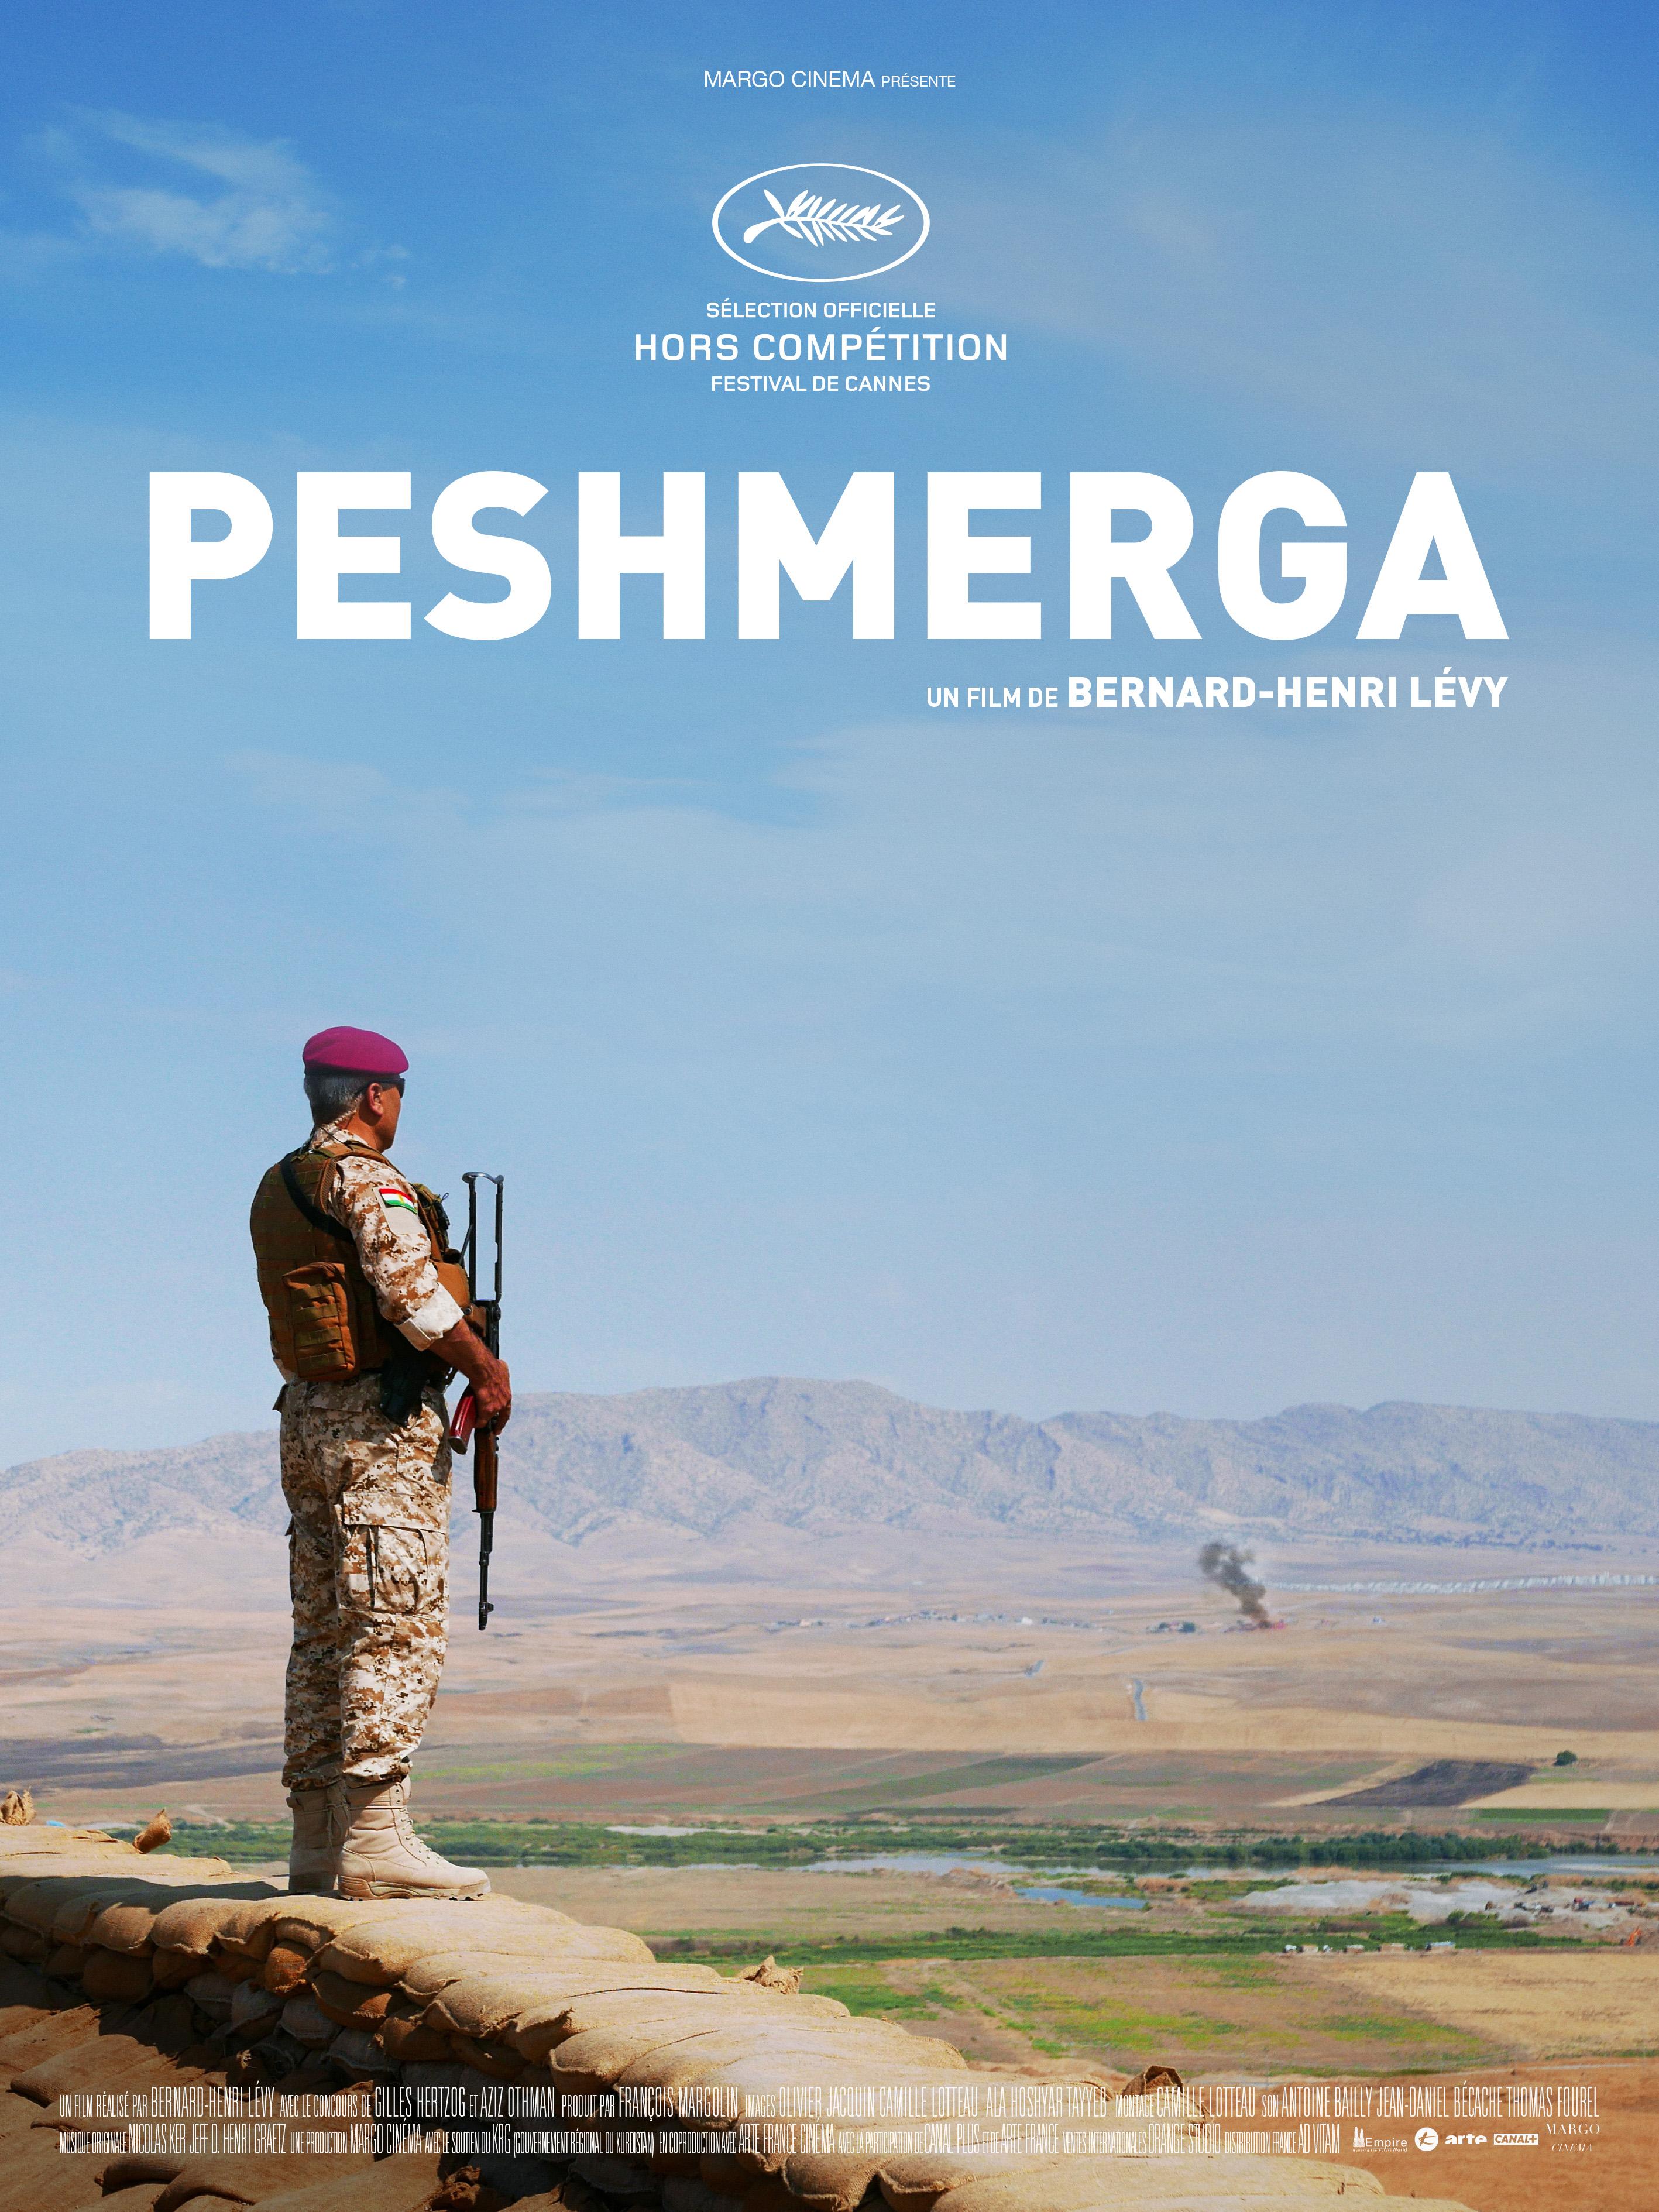 """Affiche du film """"Peshmerga"""" de Bernard-Henri Lévy, en sélection officielle du Festival de Cannes 2016."""